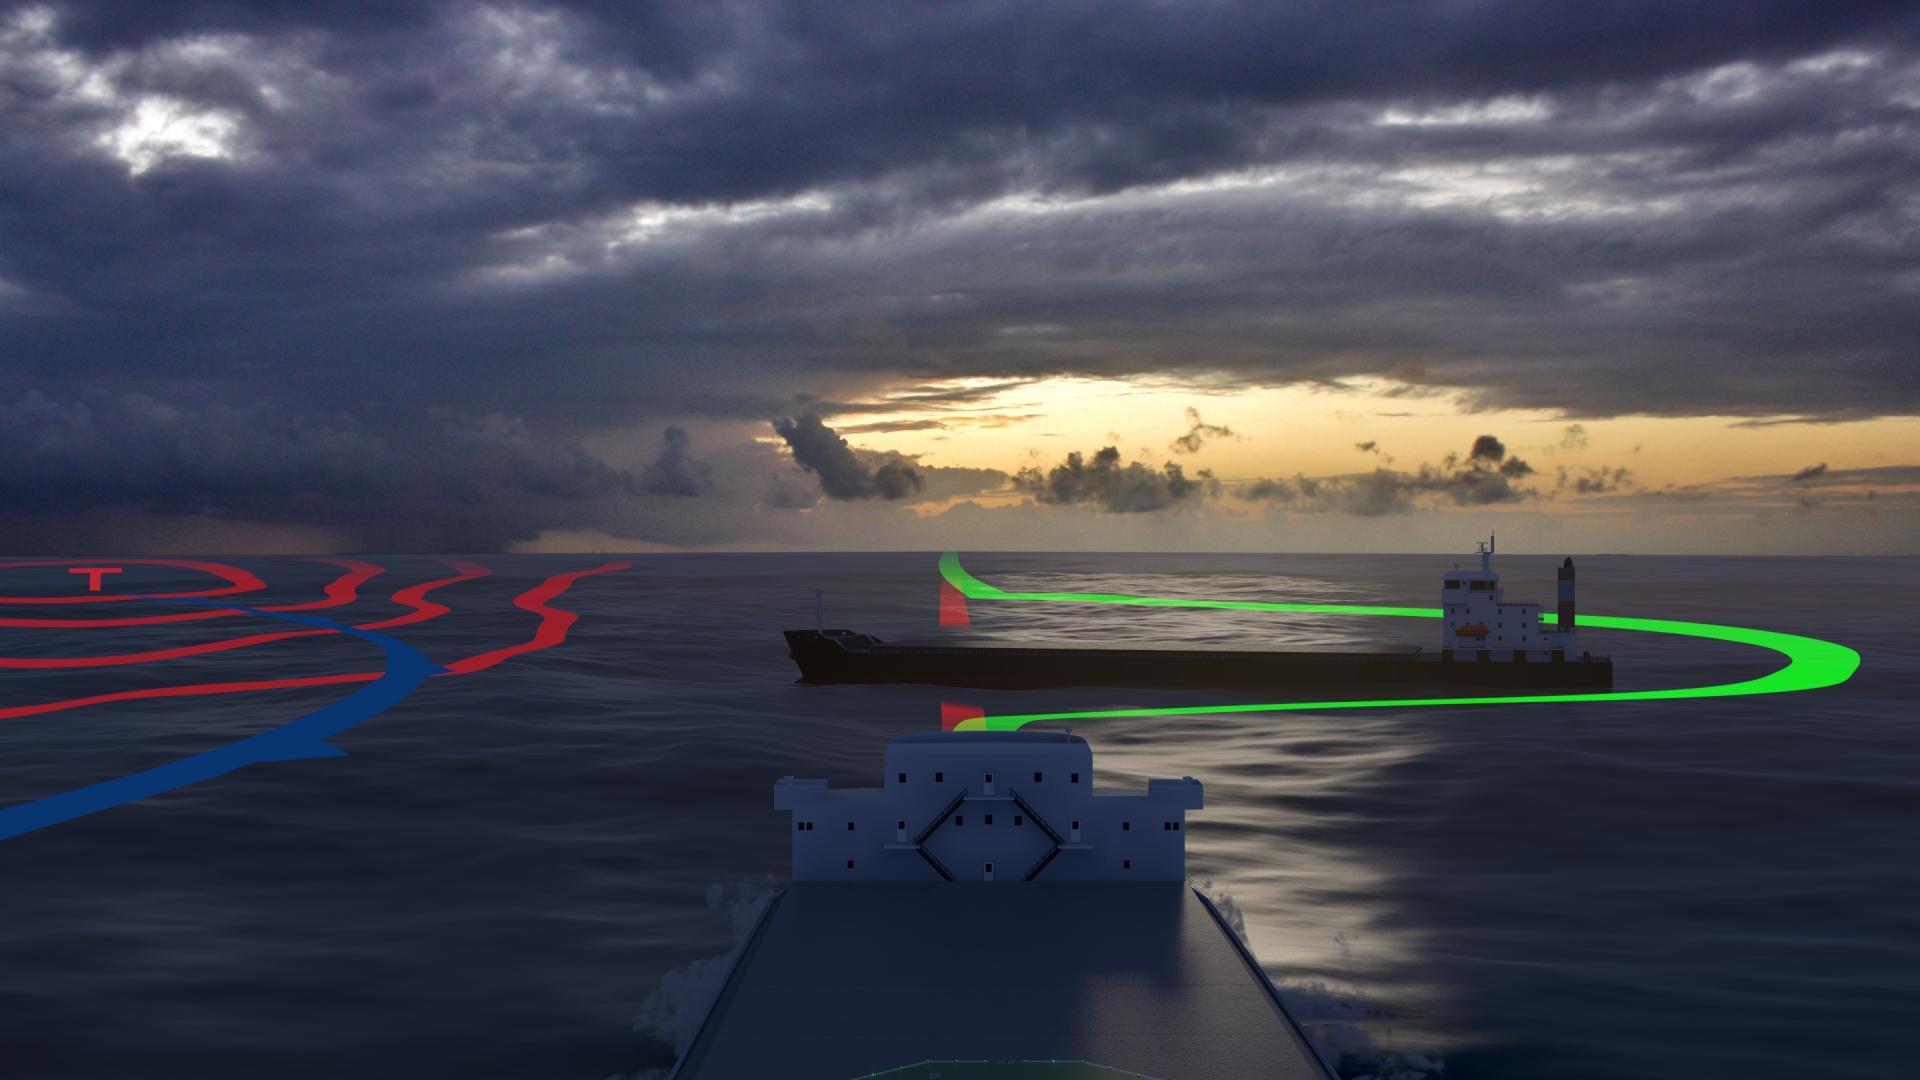 Selvstyrte skip må kunne måle avstanden til og styre unna ulike typer hindringer. Illustrasjon: Fraunhofer CML/MUNIN Project